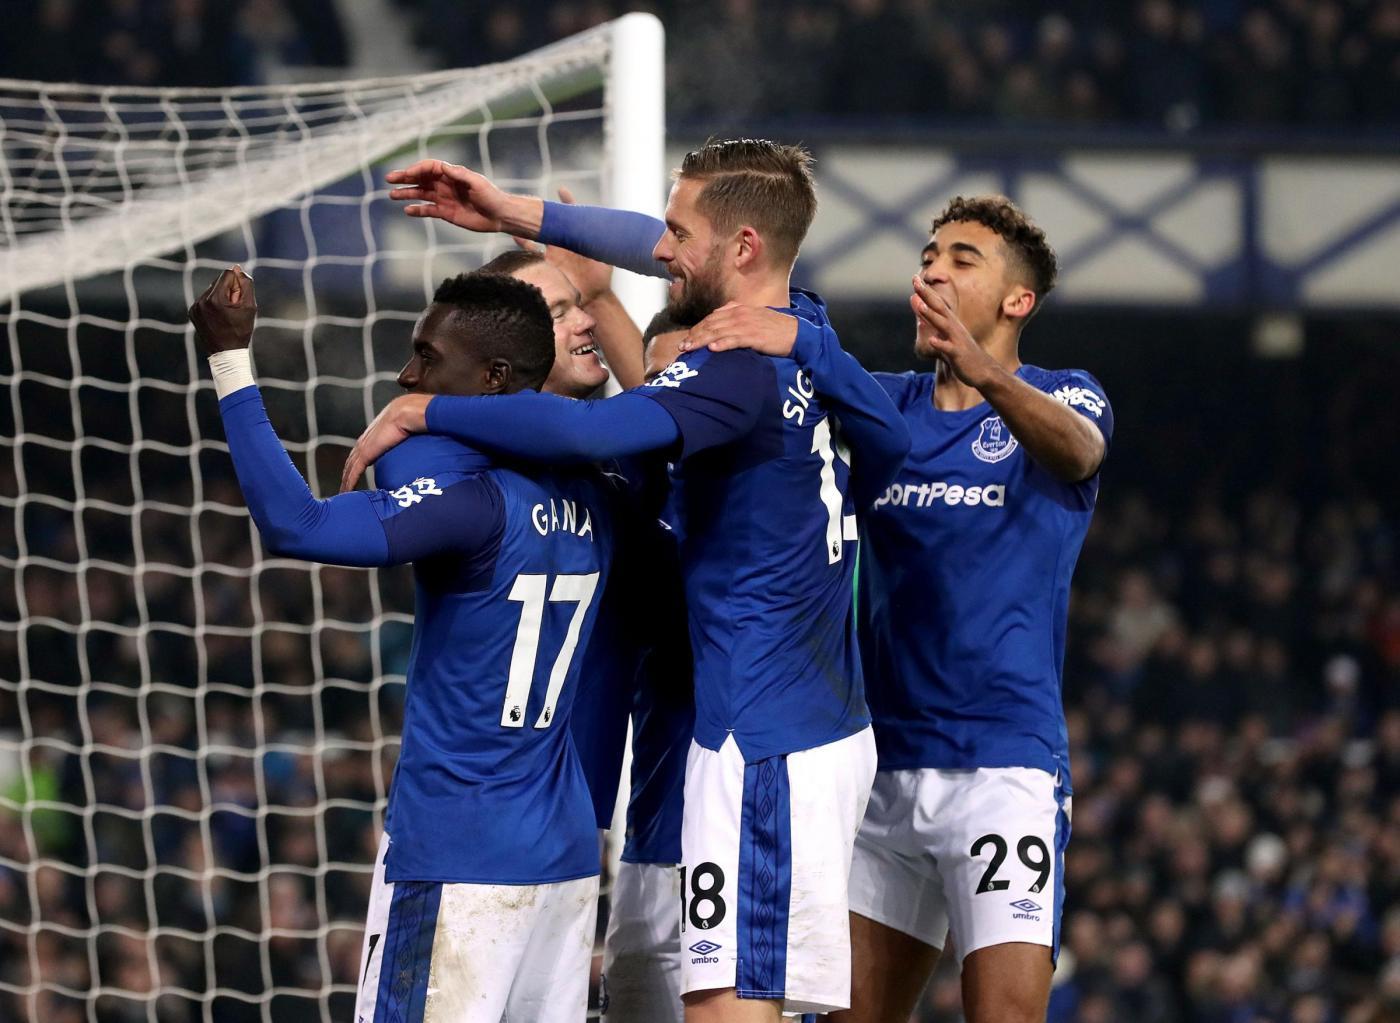 Premier League, Everton-Brighton 3 novembre: analisi e pronostico della giornata della massima divisione calcistica inglese